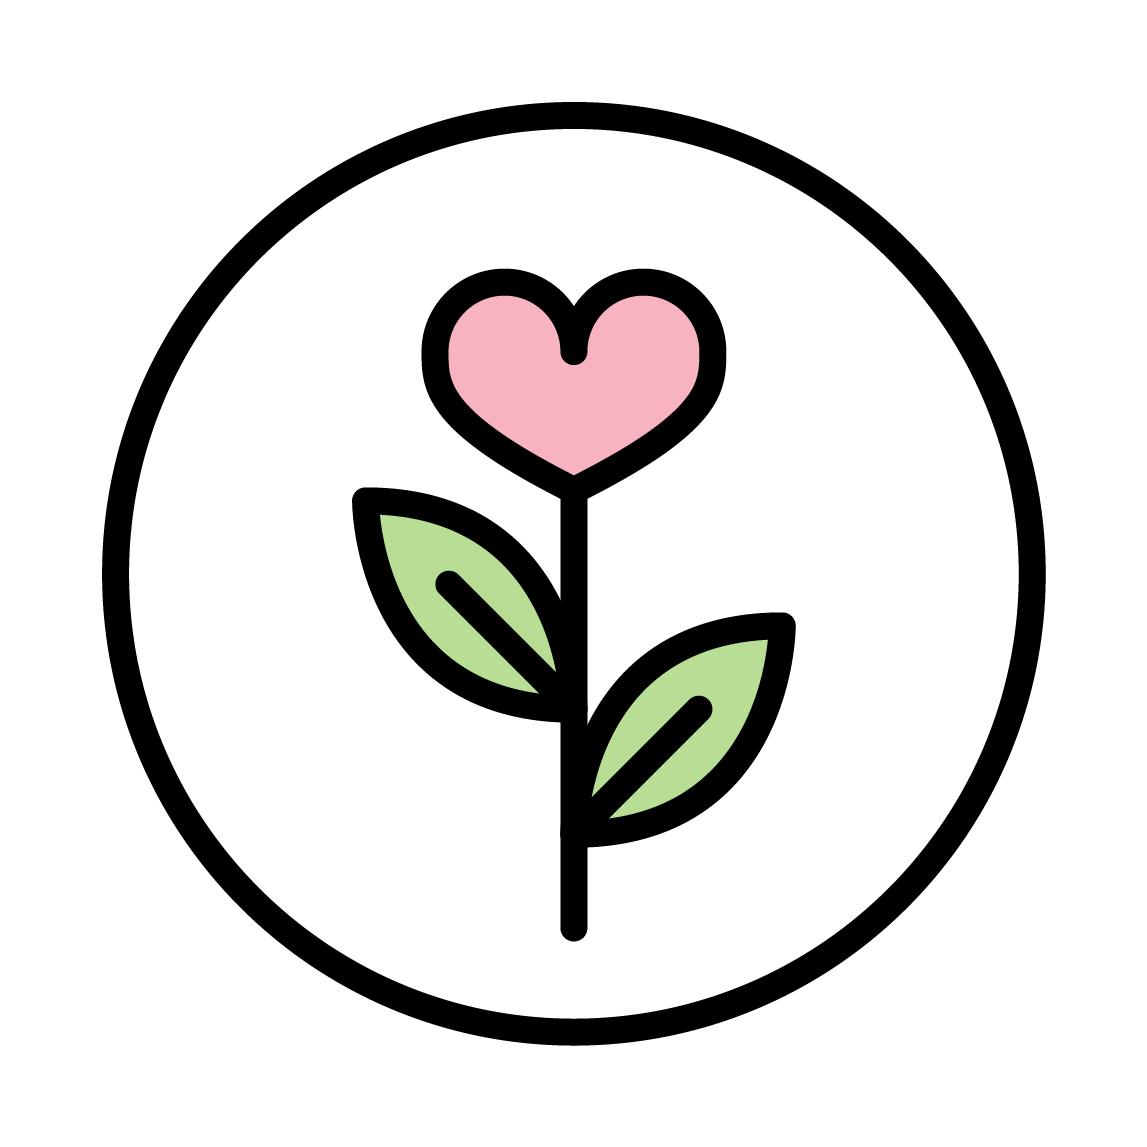 NFTH Heart Flower